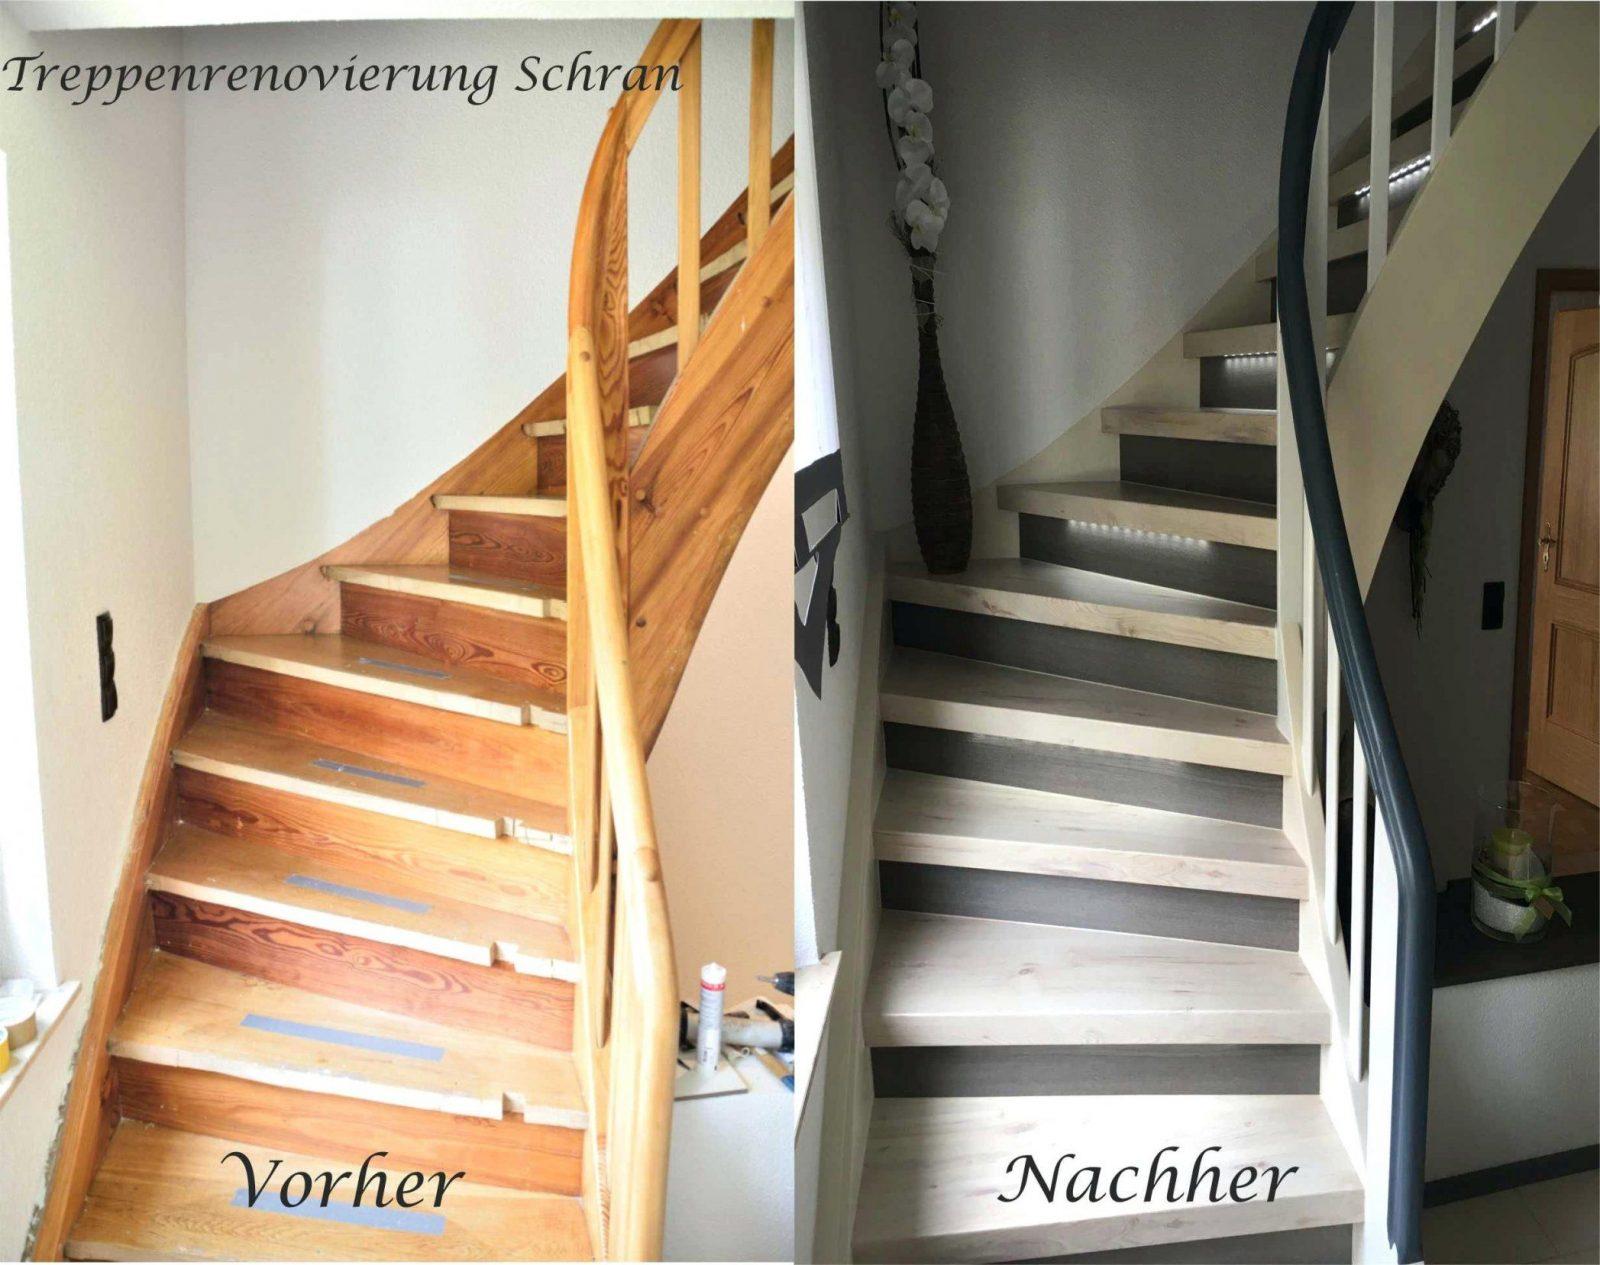 Treppe Erneuern Vorher With Renovieren Nachher Mit Laminat Treppen von Treppe Renovieren Vorher Nachher Photo